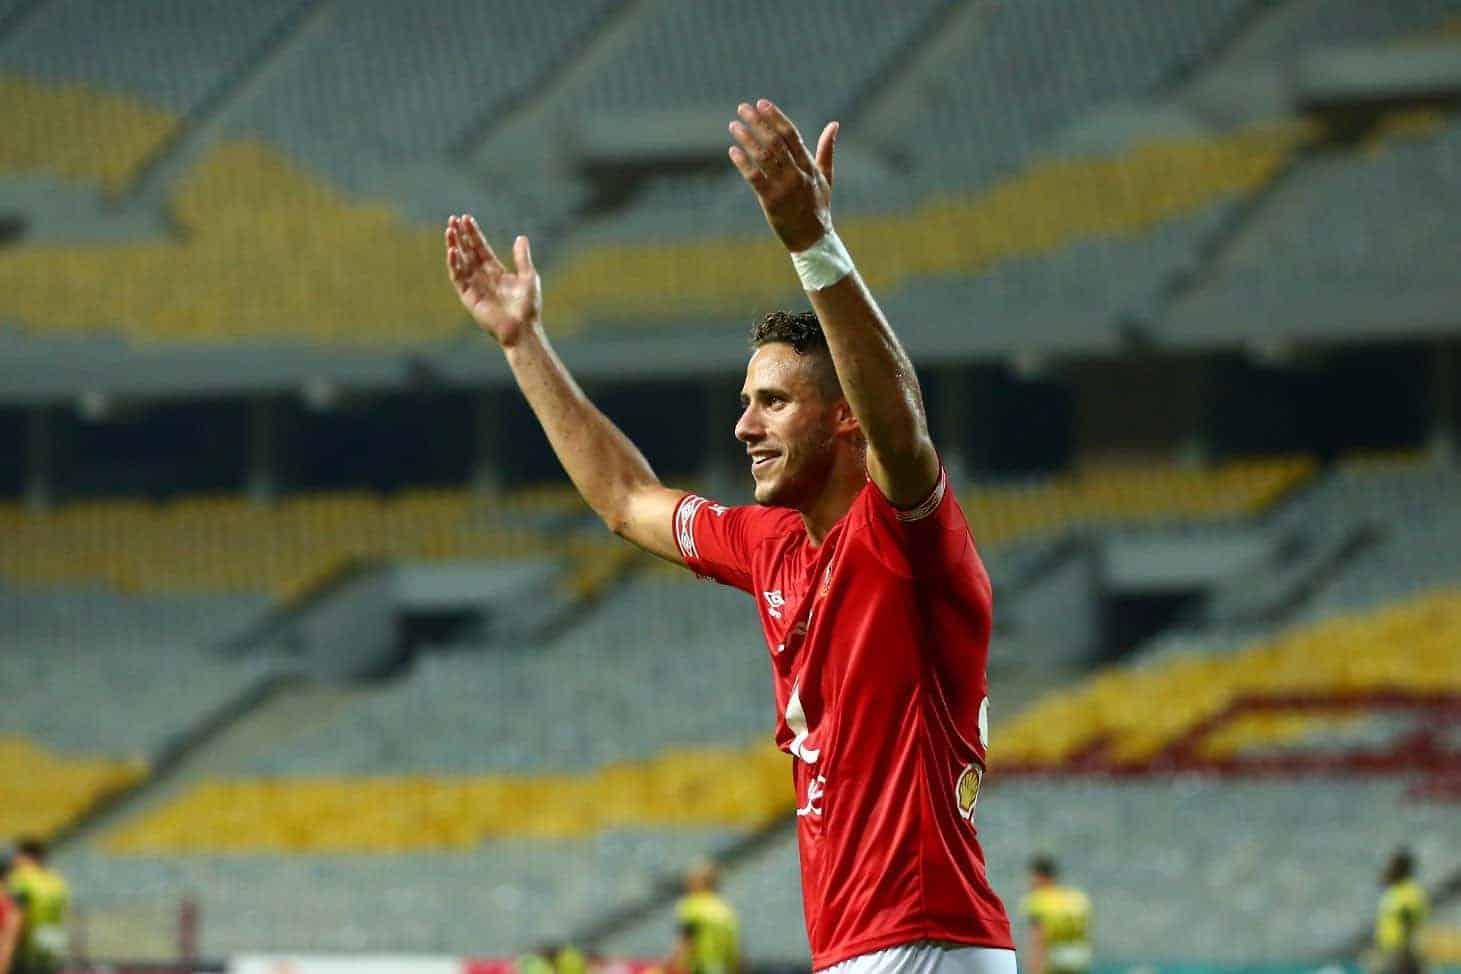 رمضان صبحي لاعب هدرسفيلد المعار إلى صفوف الأهلي (صورة: Alahly)